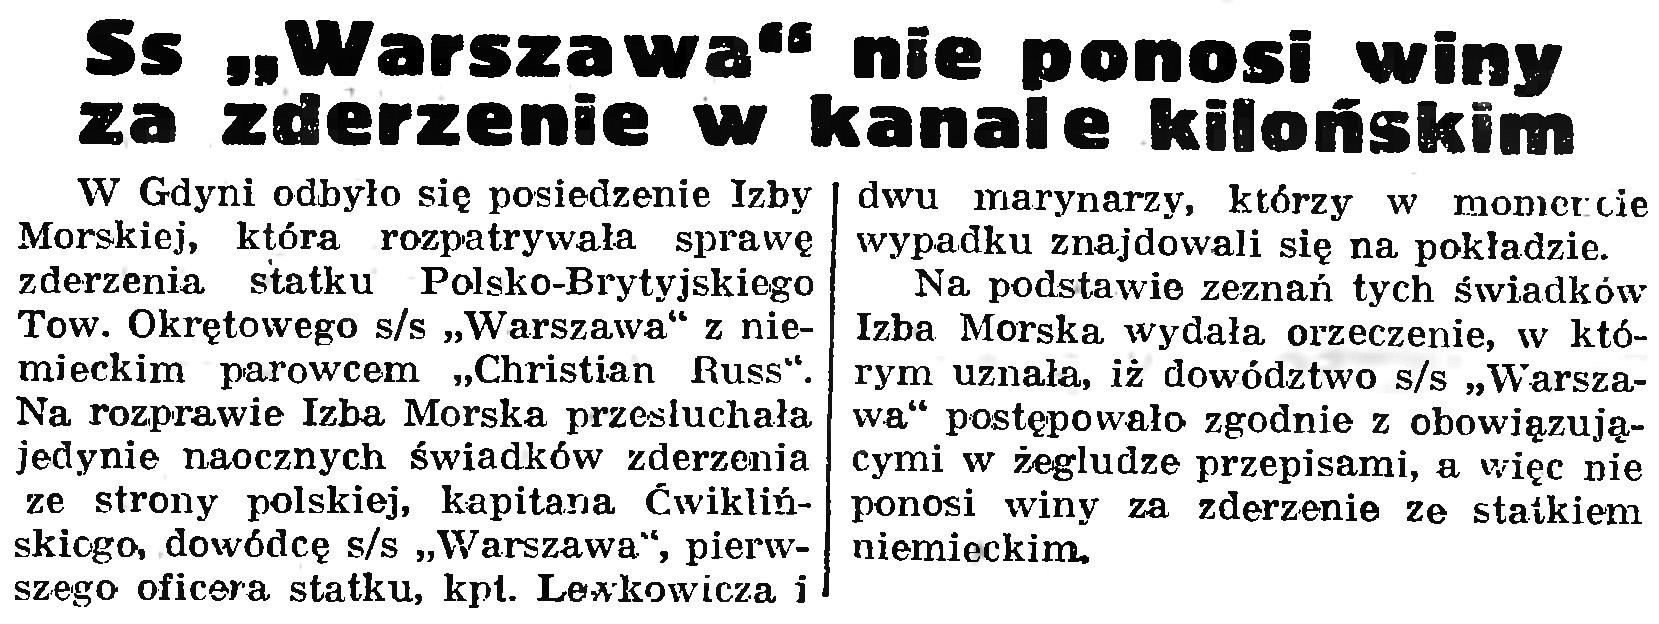 """Ss """"Warszawa"""" nie ponosi winy za zderzenie w kanale kilońskim // Gazeta Gdańska. - 1939, nr 9, s. 8"""